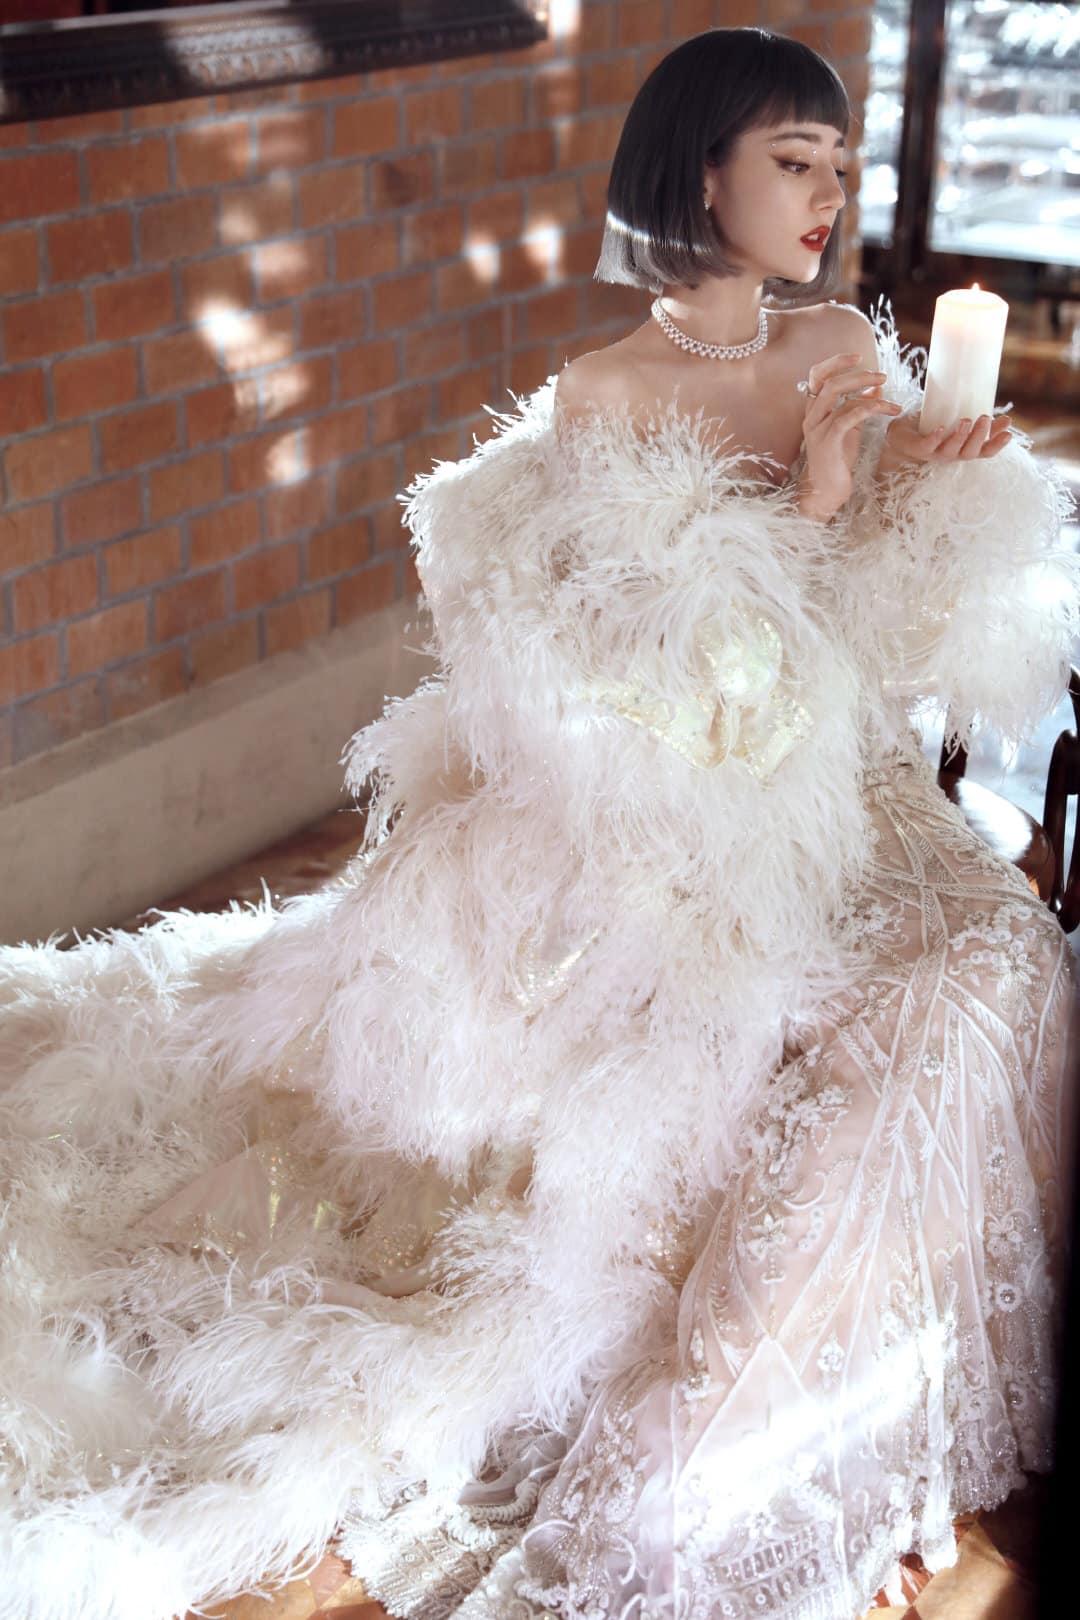 Dù mái tóc ngắn gây tranh cãi, khó phủ nhận chiếc váy thêu đính tỉ mỉ với chiếc áo choàng lông vũ trắng muốt giúp mỹ nhân Tân Cương khoe khí chất ngút ngàn tựa công chúa thiên nga.